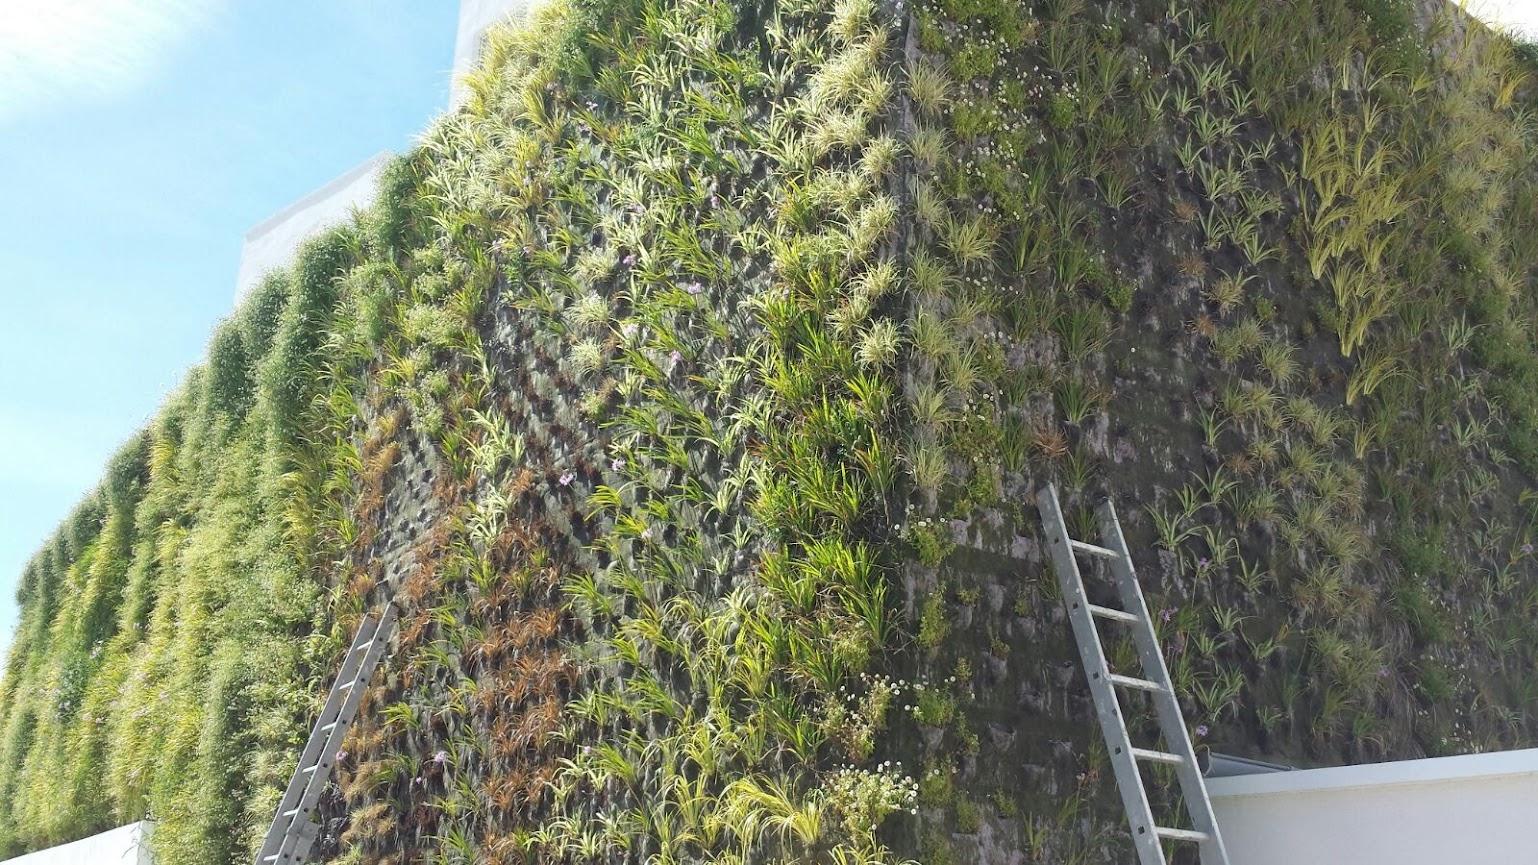 Jardín vertical en Palma de Mallorca